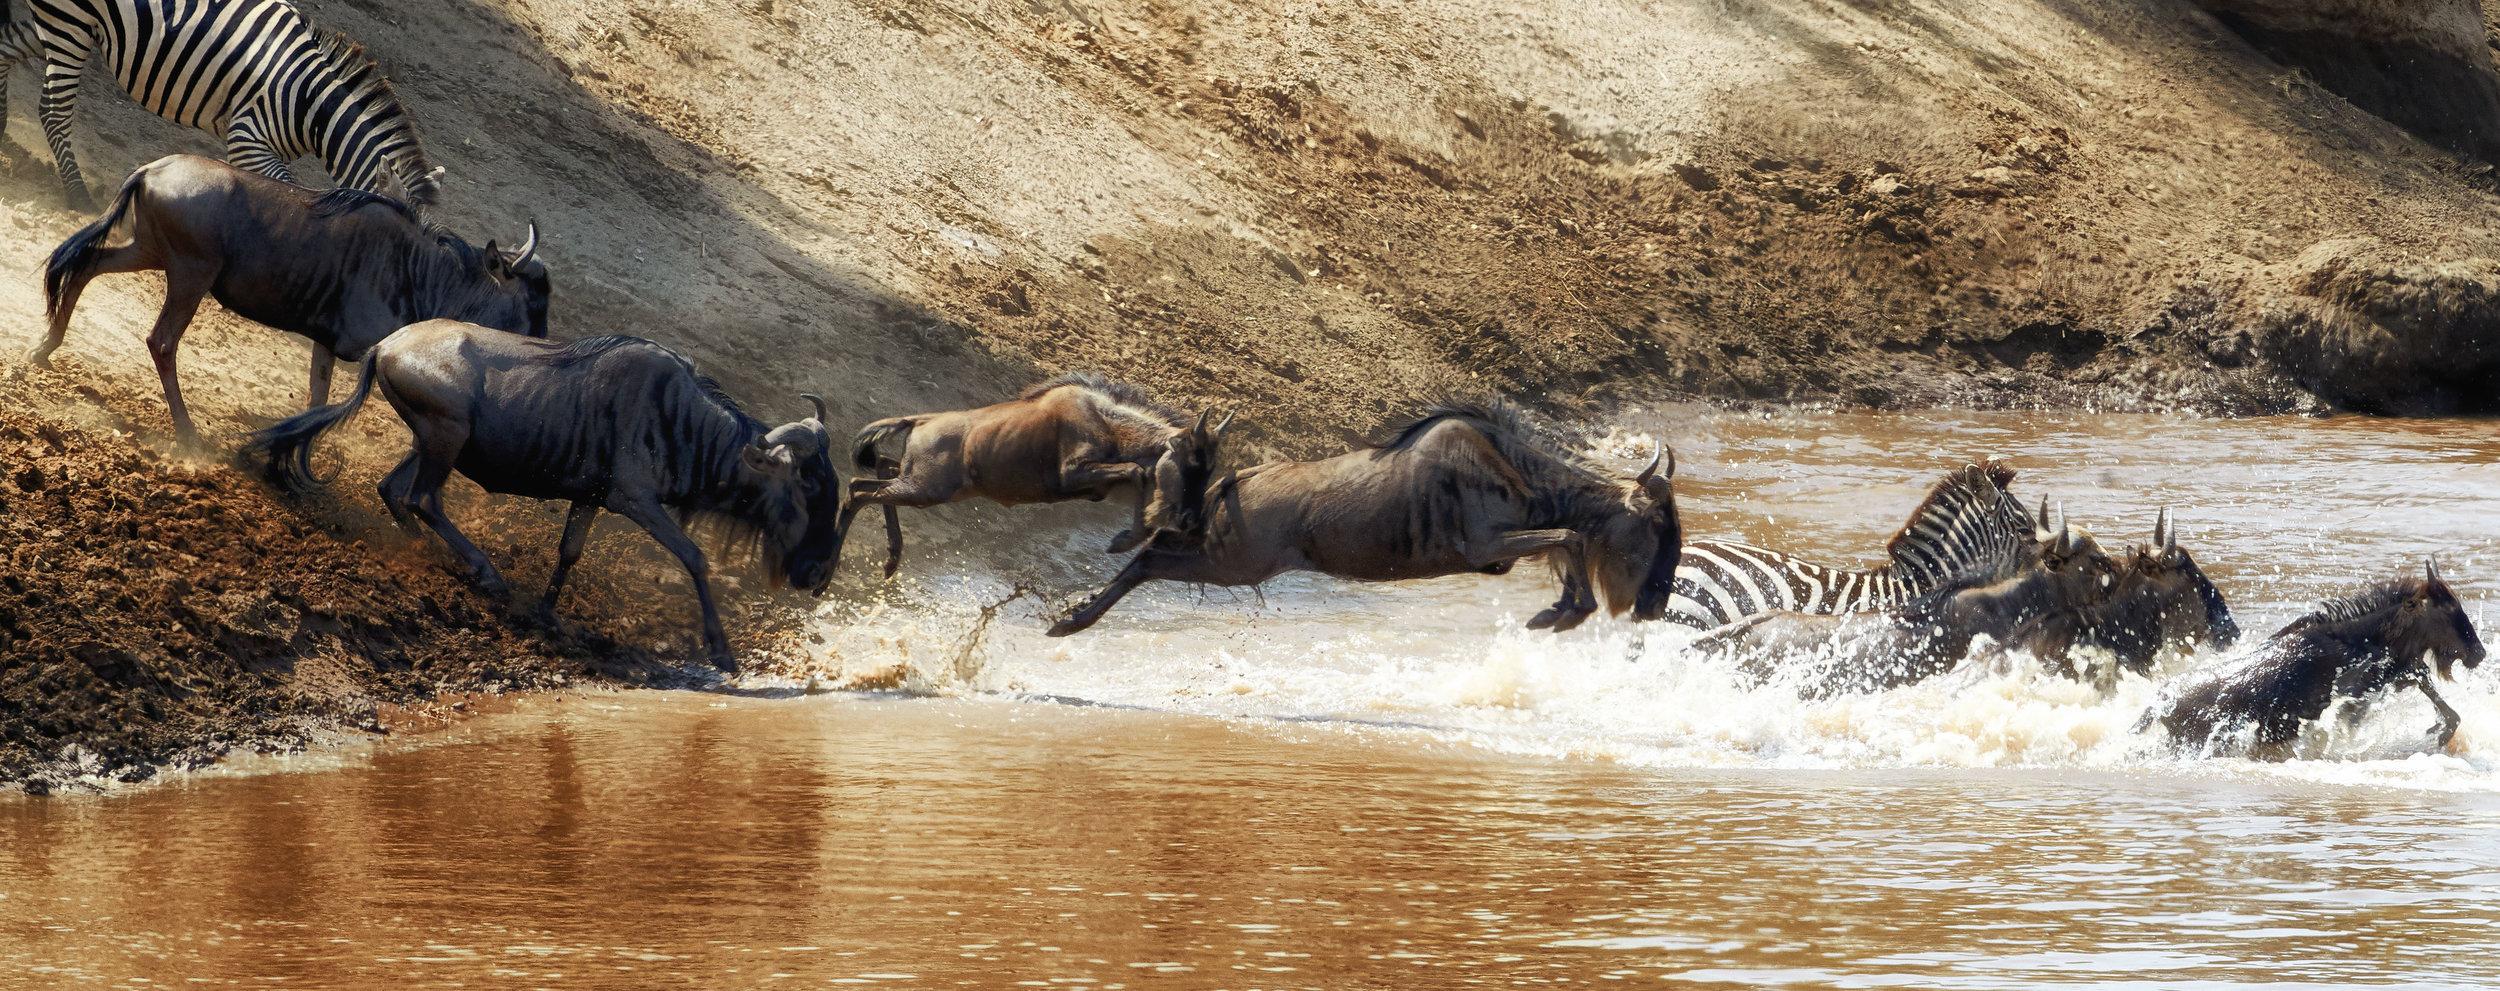 Crossing of the Mara River Kenya